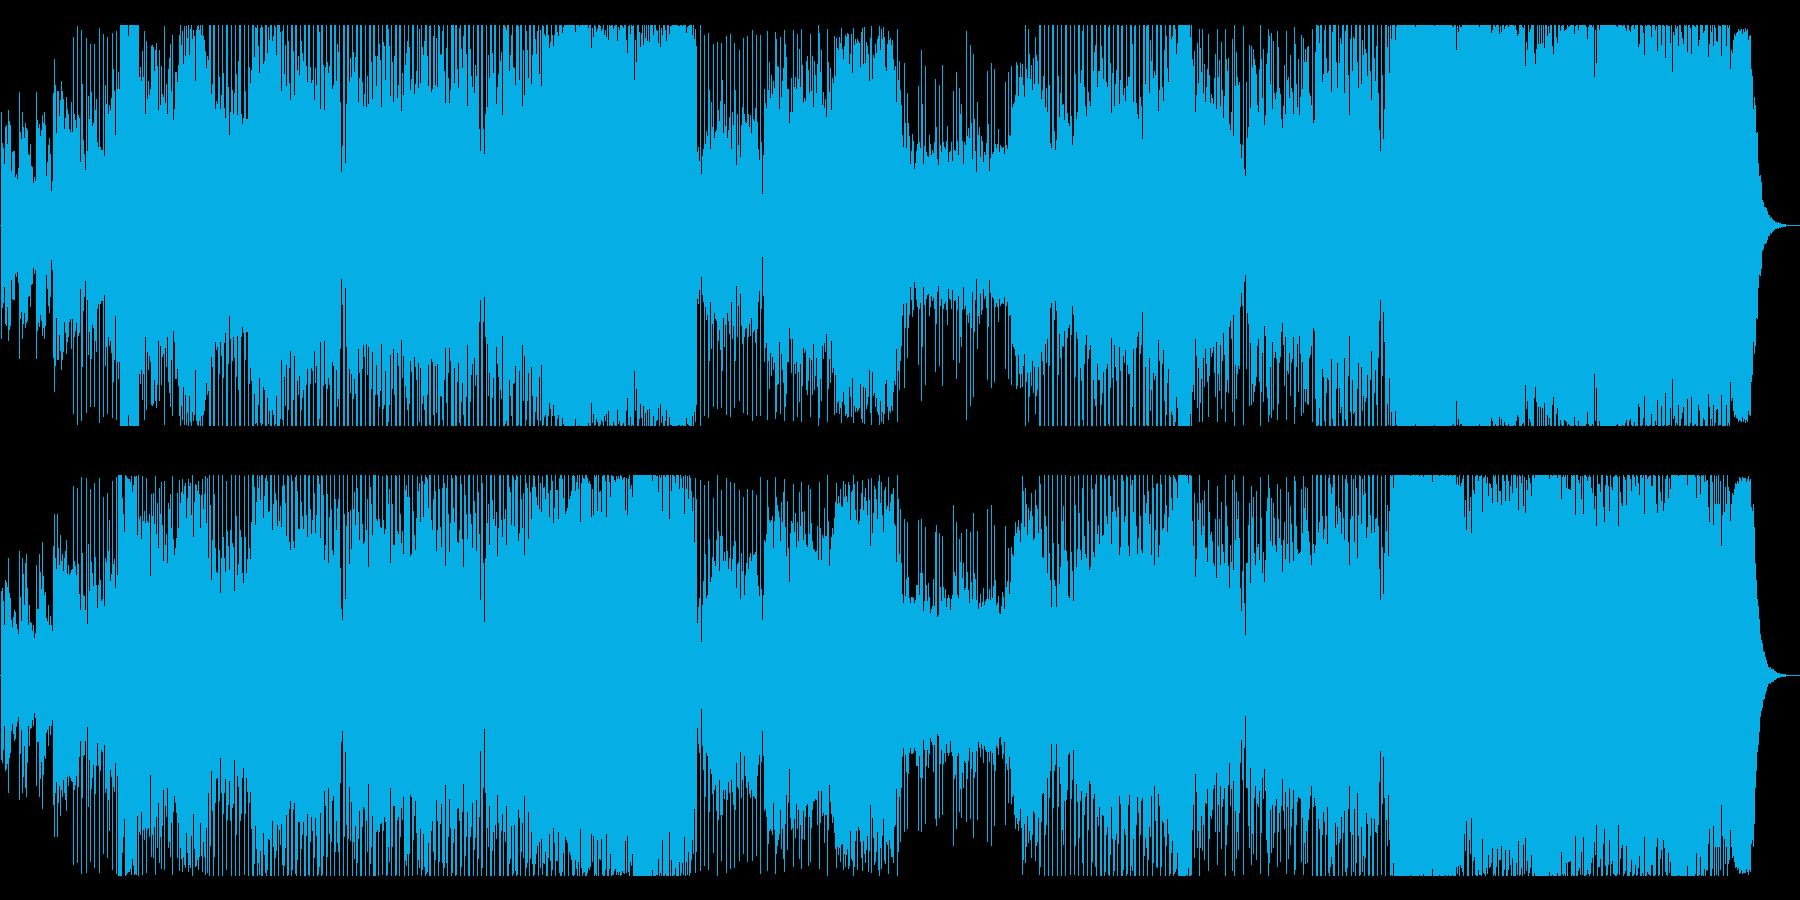 エキサイティングなパワフルEDMの再生済みの波形